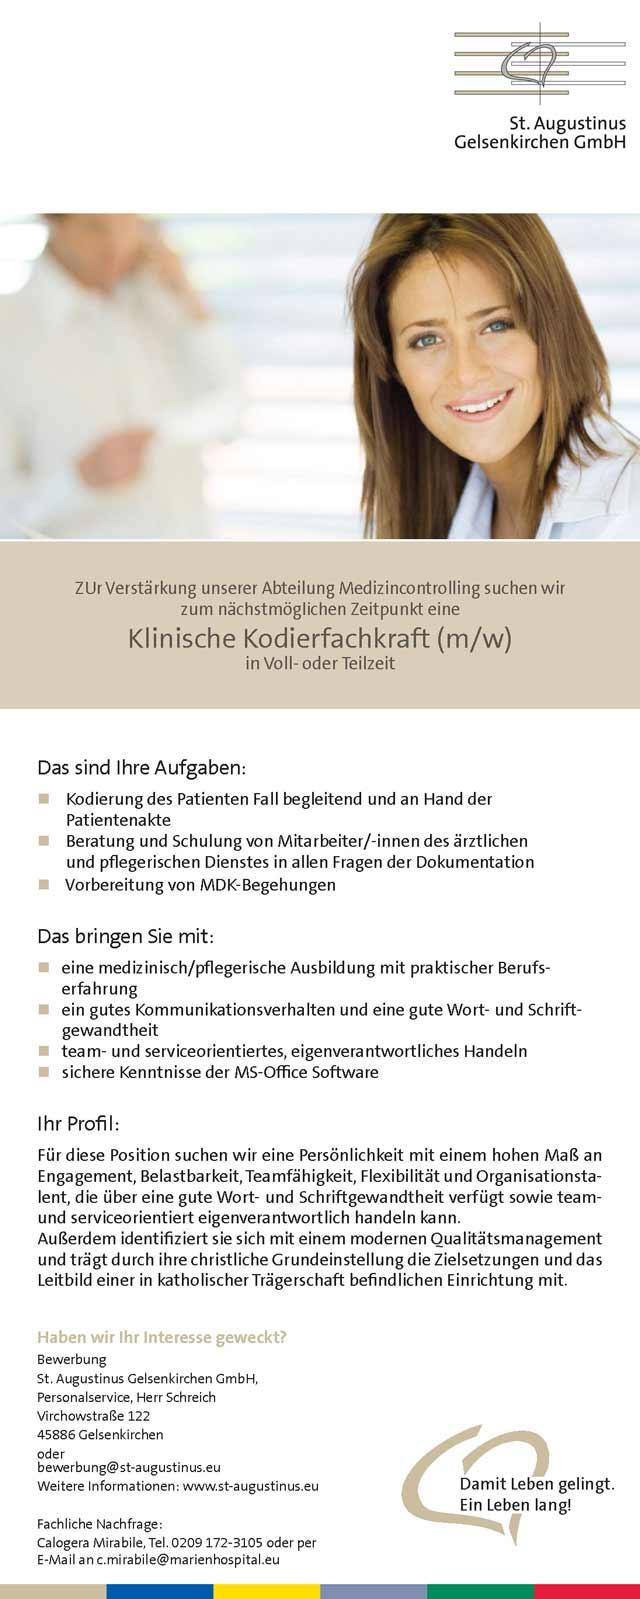 St. Augustinus Gelsenkirchen GmbH: Klinische Kodierfachkraft (m/w)